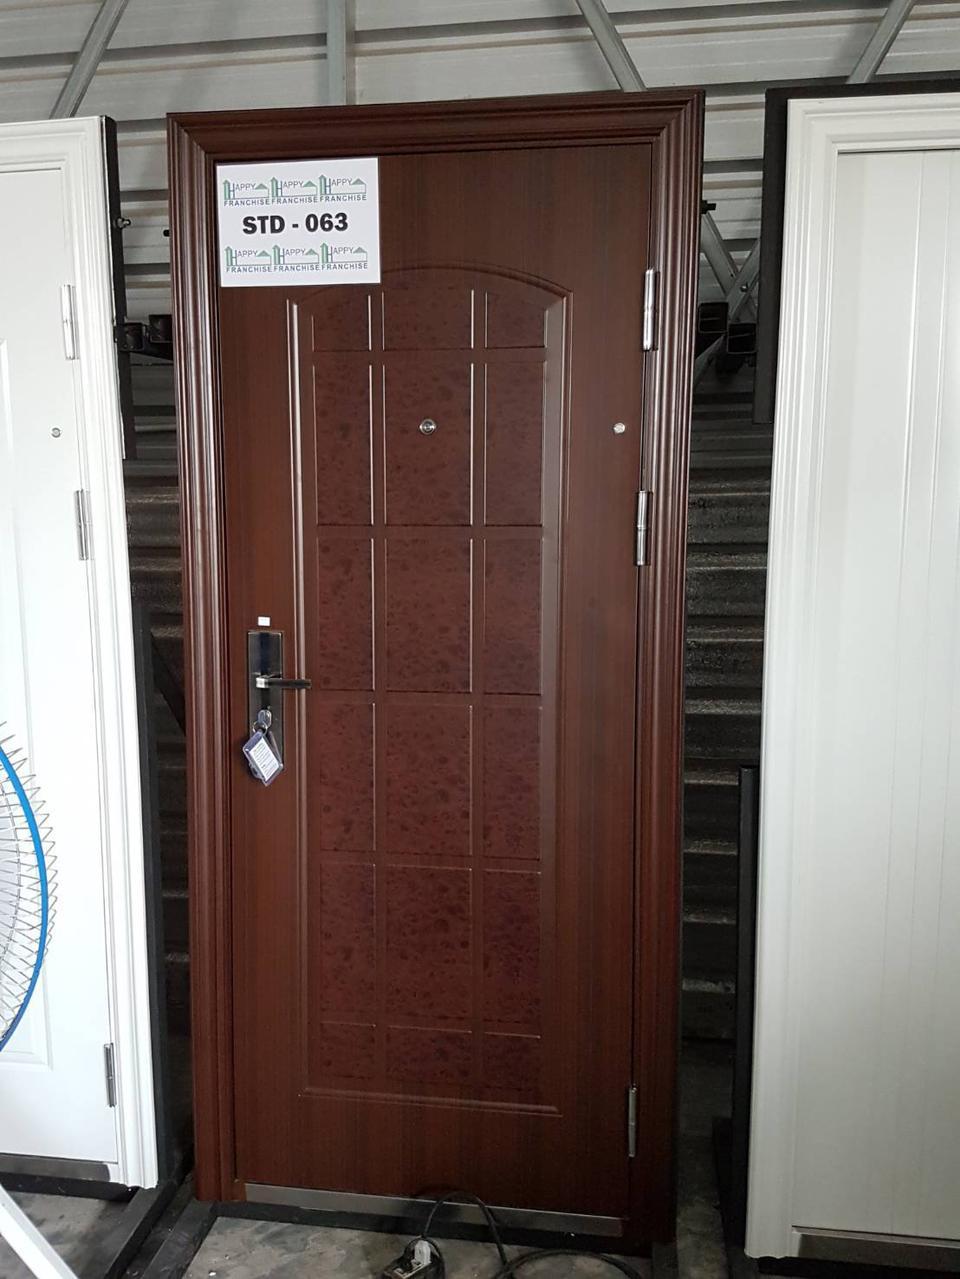 ประตูนิรภัย ประตูสำเร็จรูป ประตูบานเปิด รูปที่ 1